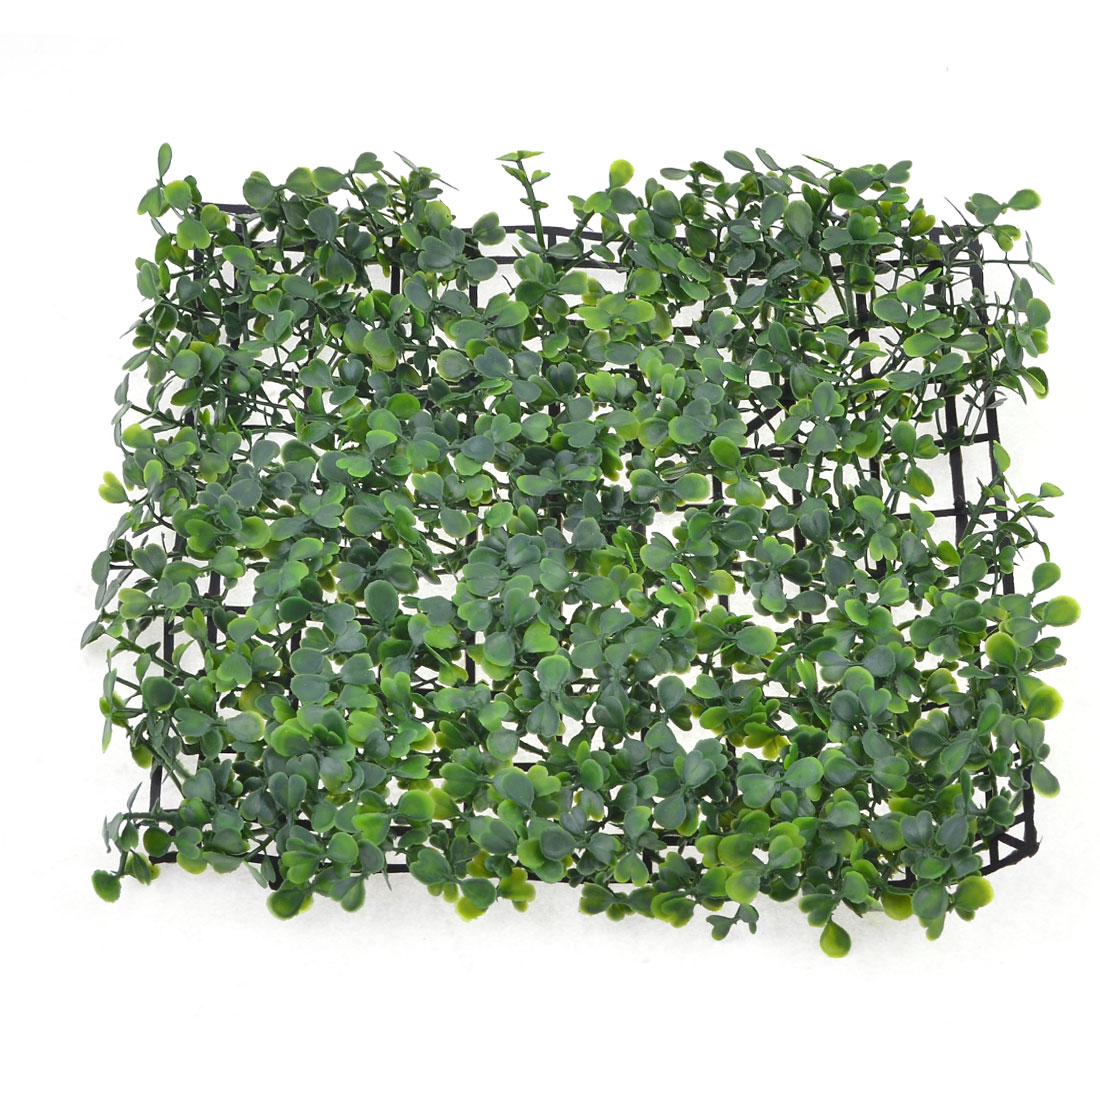 """10.6"""" x 10.6"""" Green Sqaure Shape Plastic Lawn Grass for Aquarium Fish Tank"""